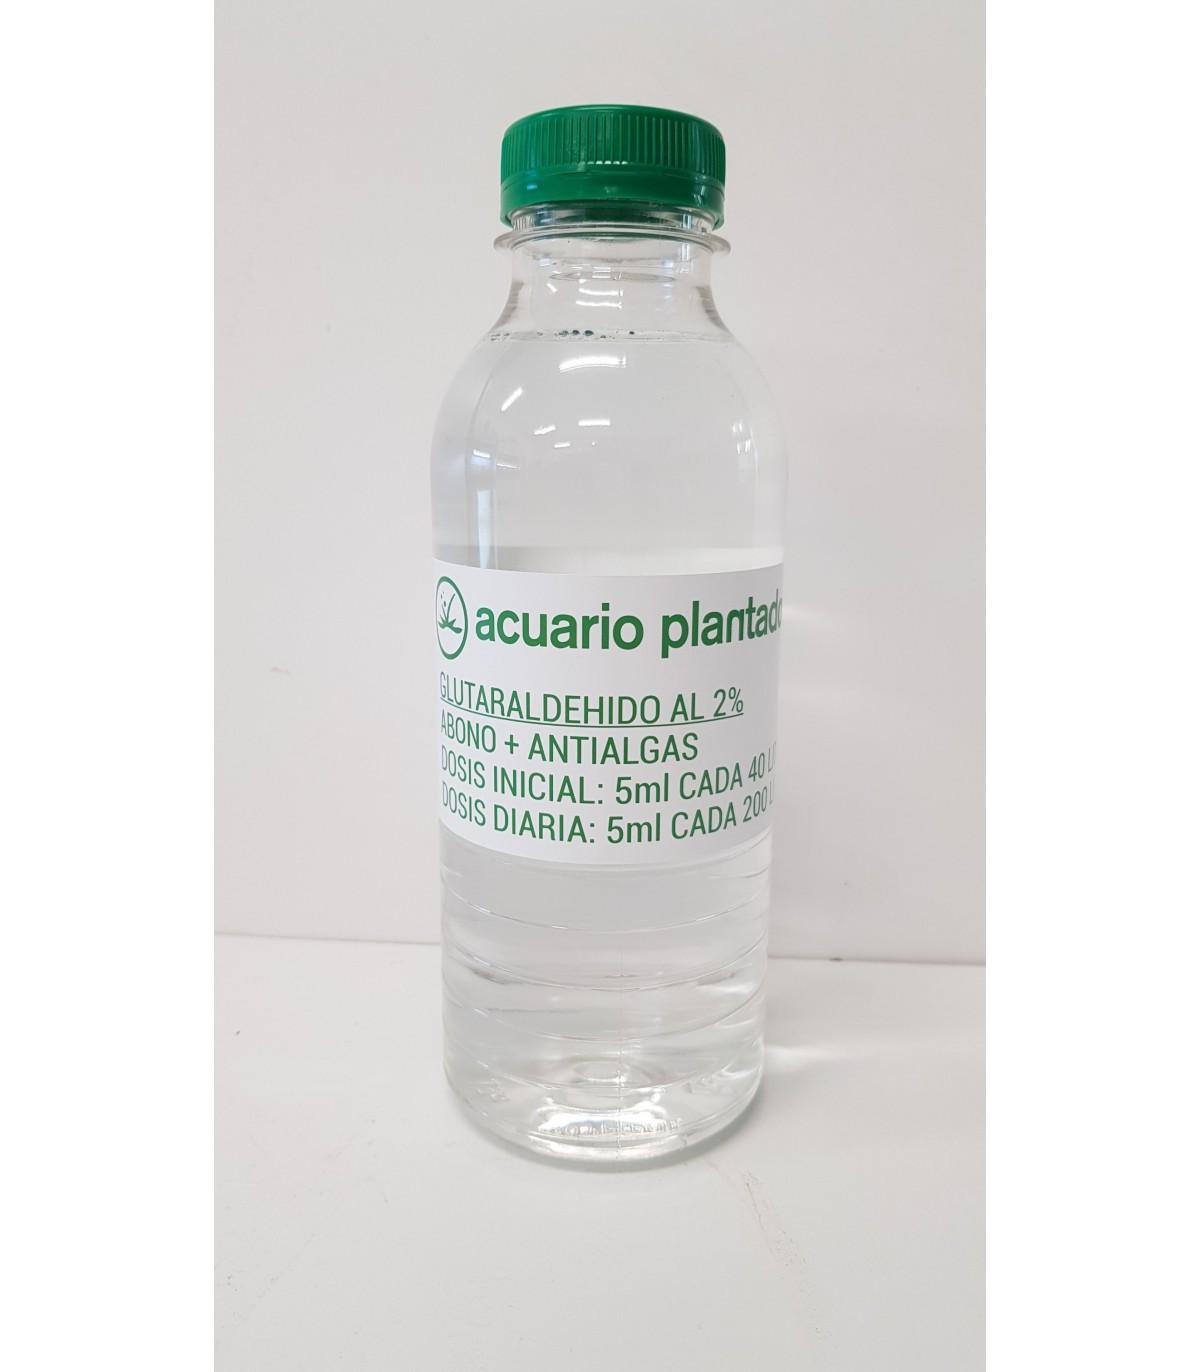 www.acuarioplantado.com